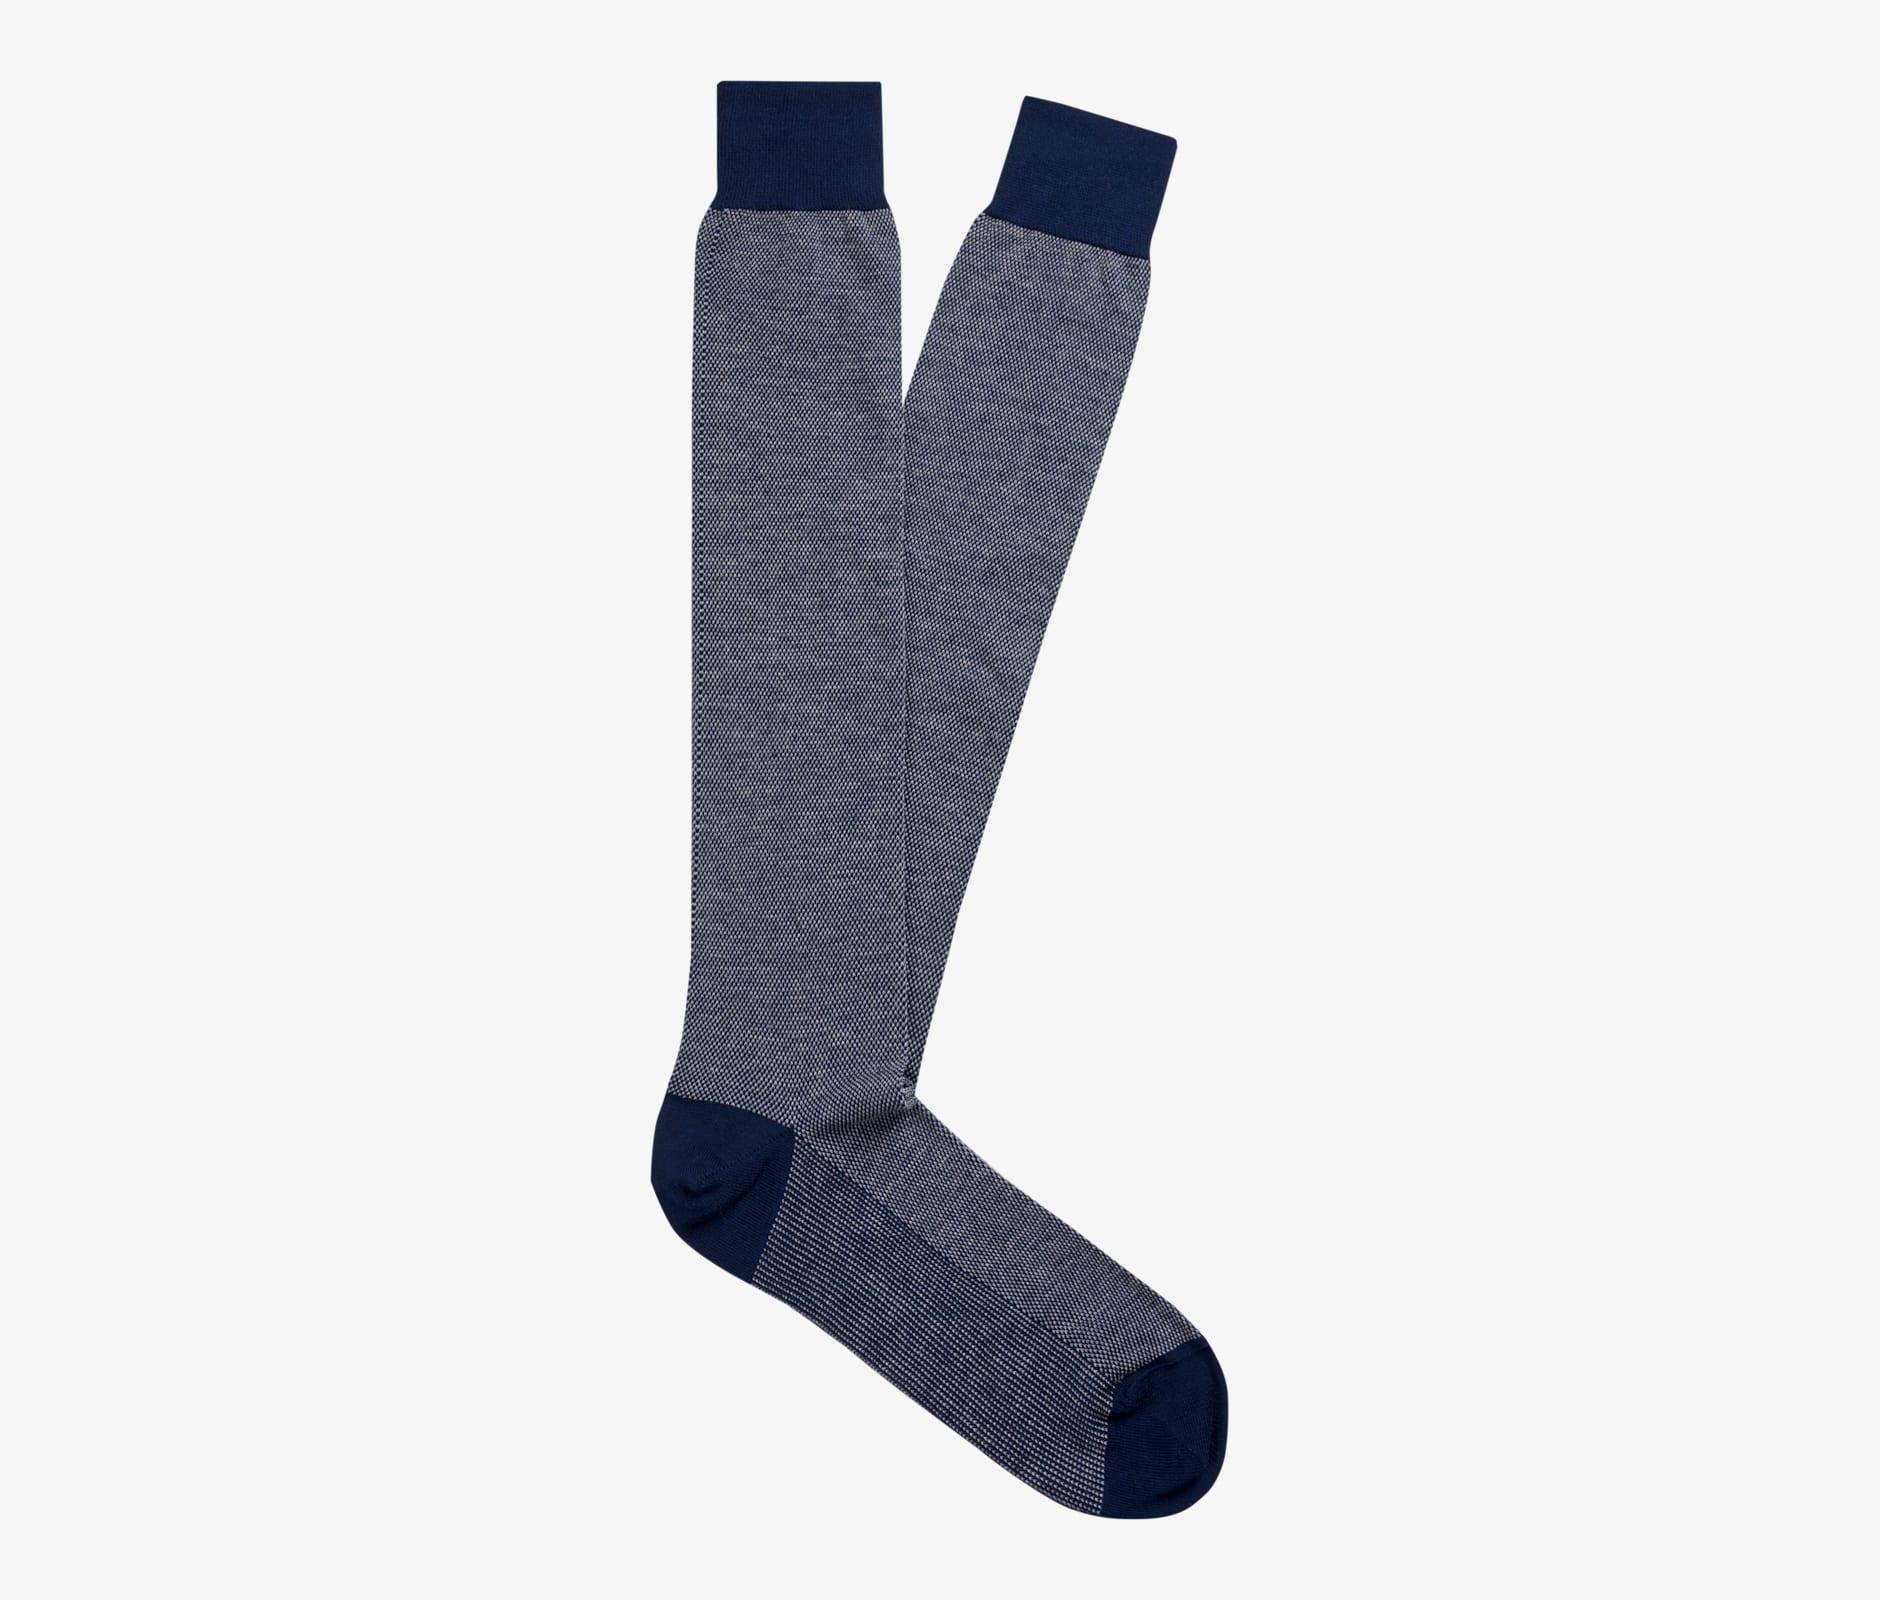 Navy_Knee_high_Socks_O734